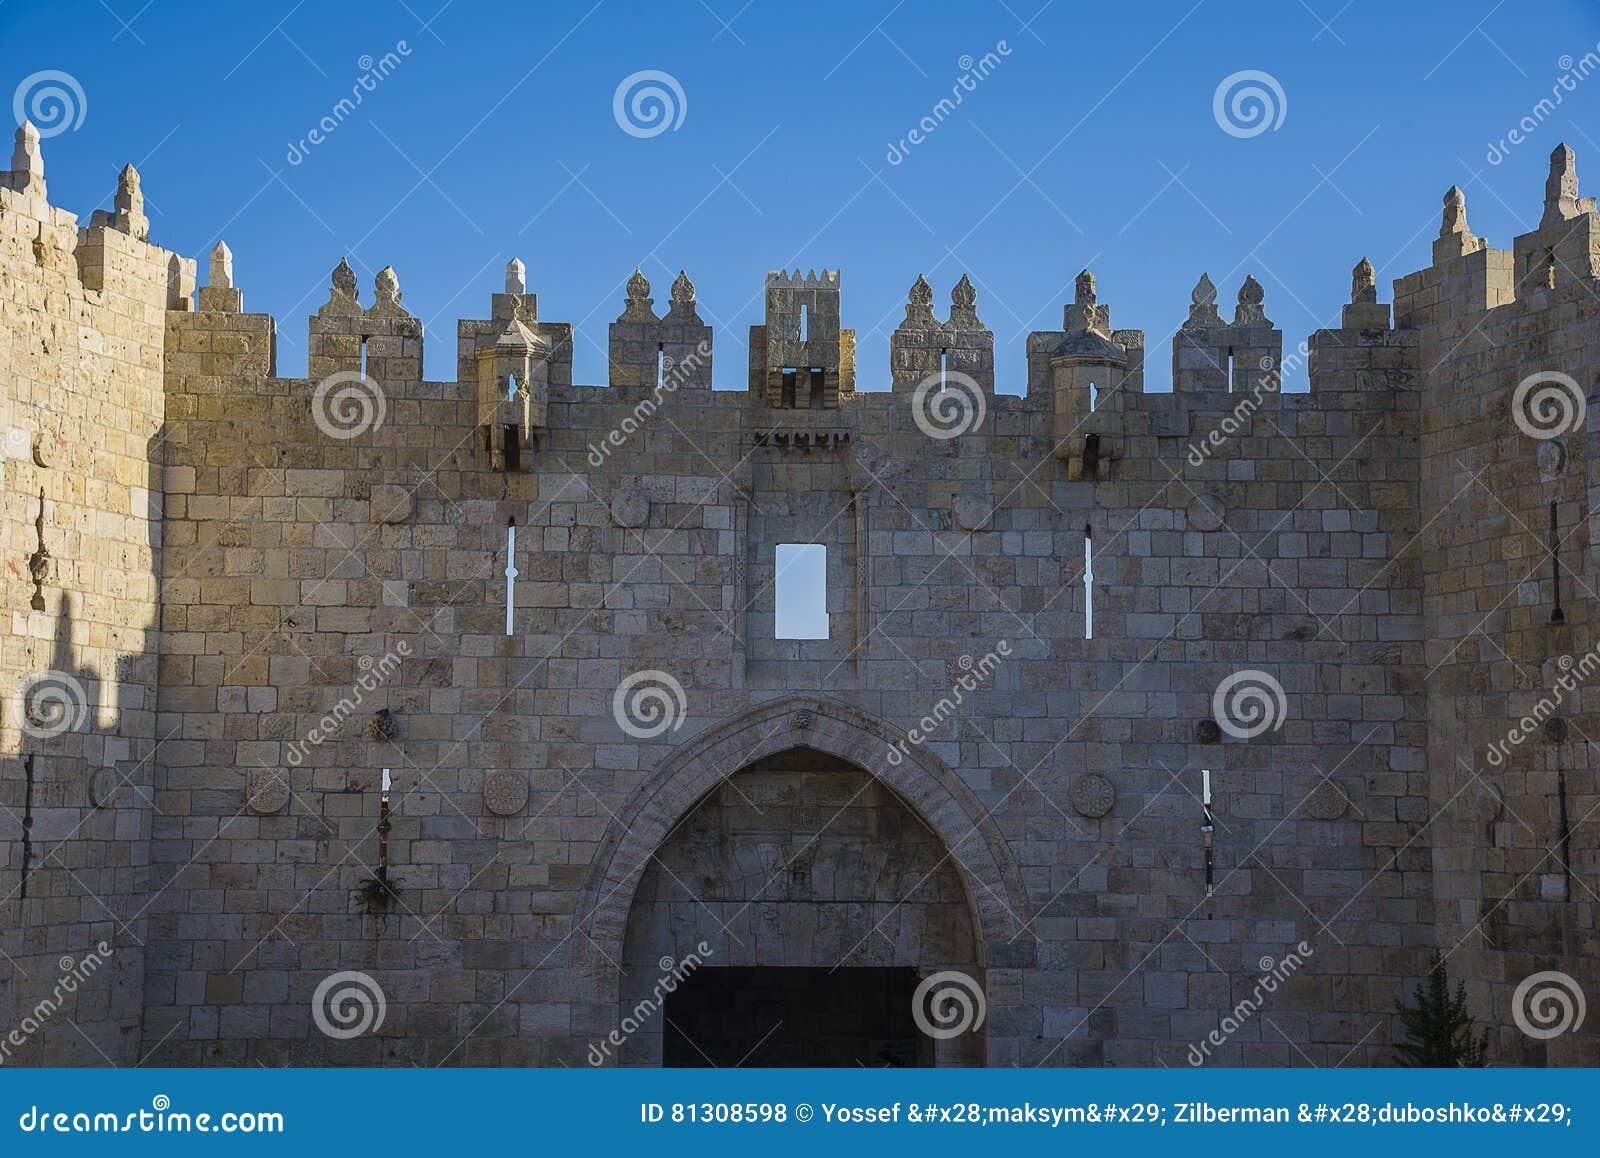 Porte de Damas de vieille ville Jérusalem